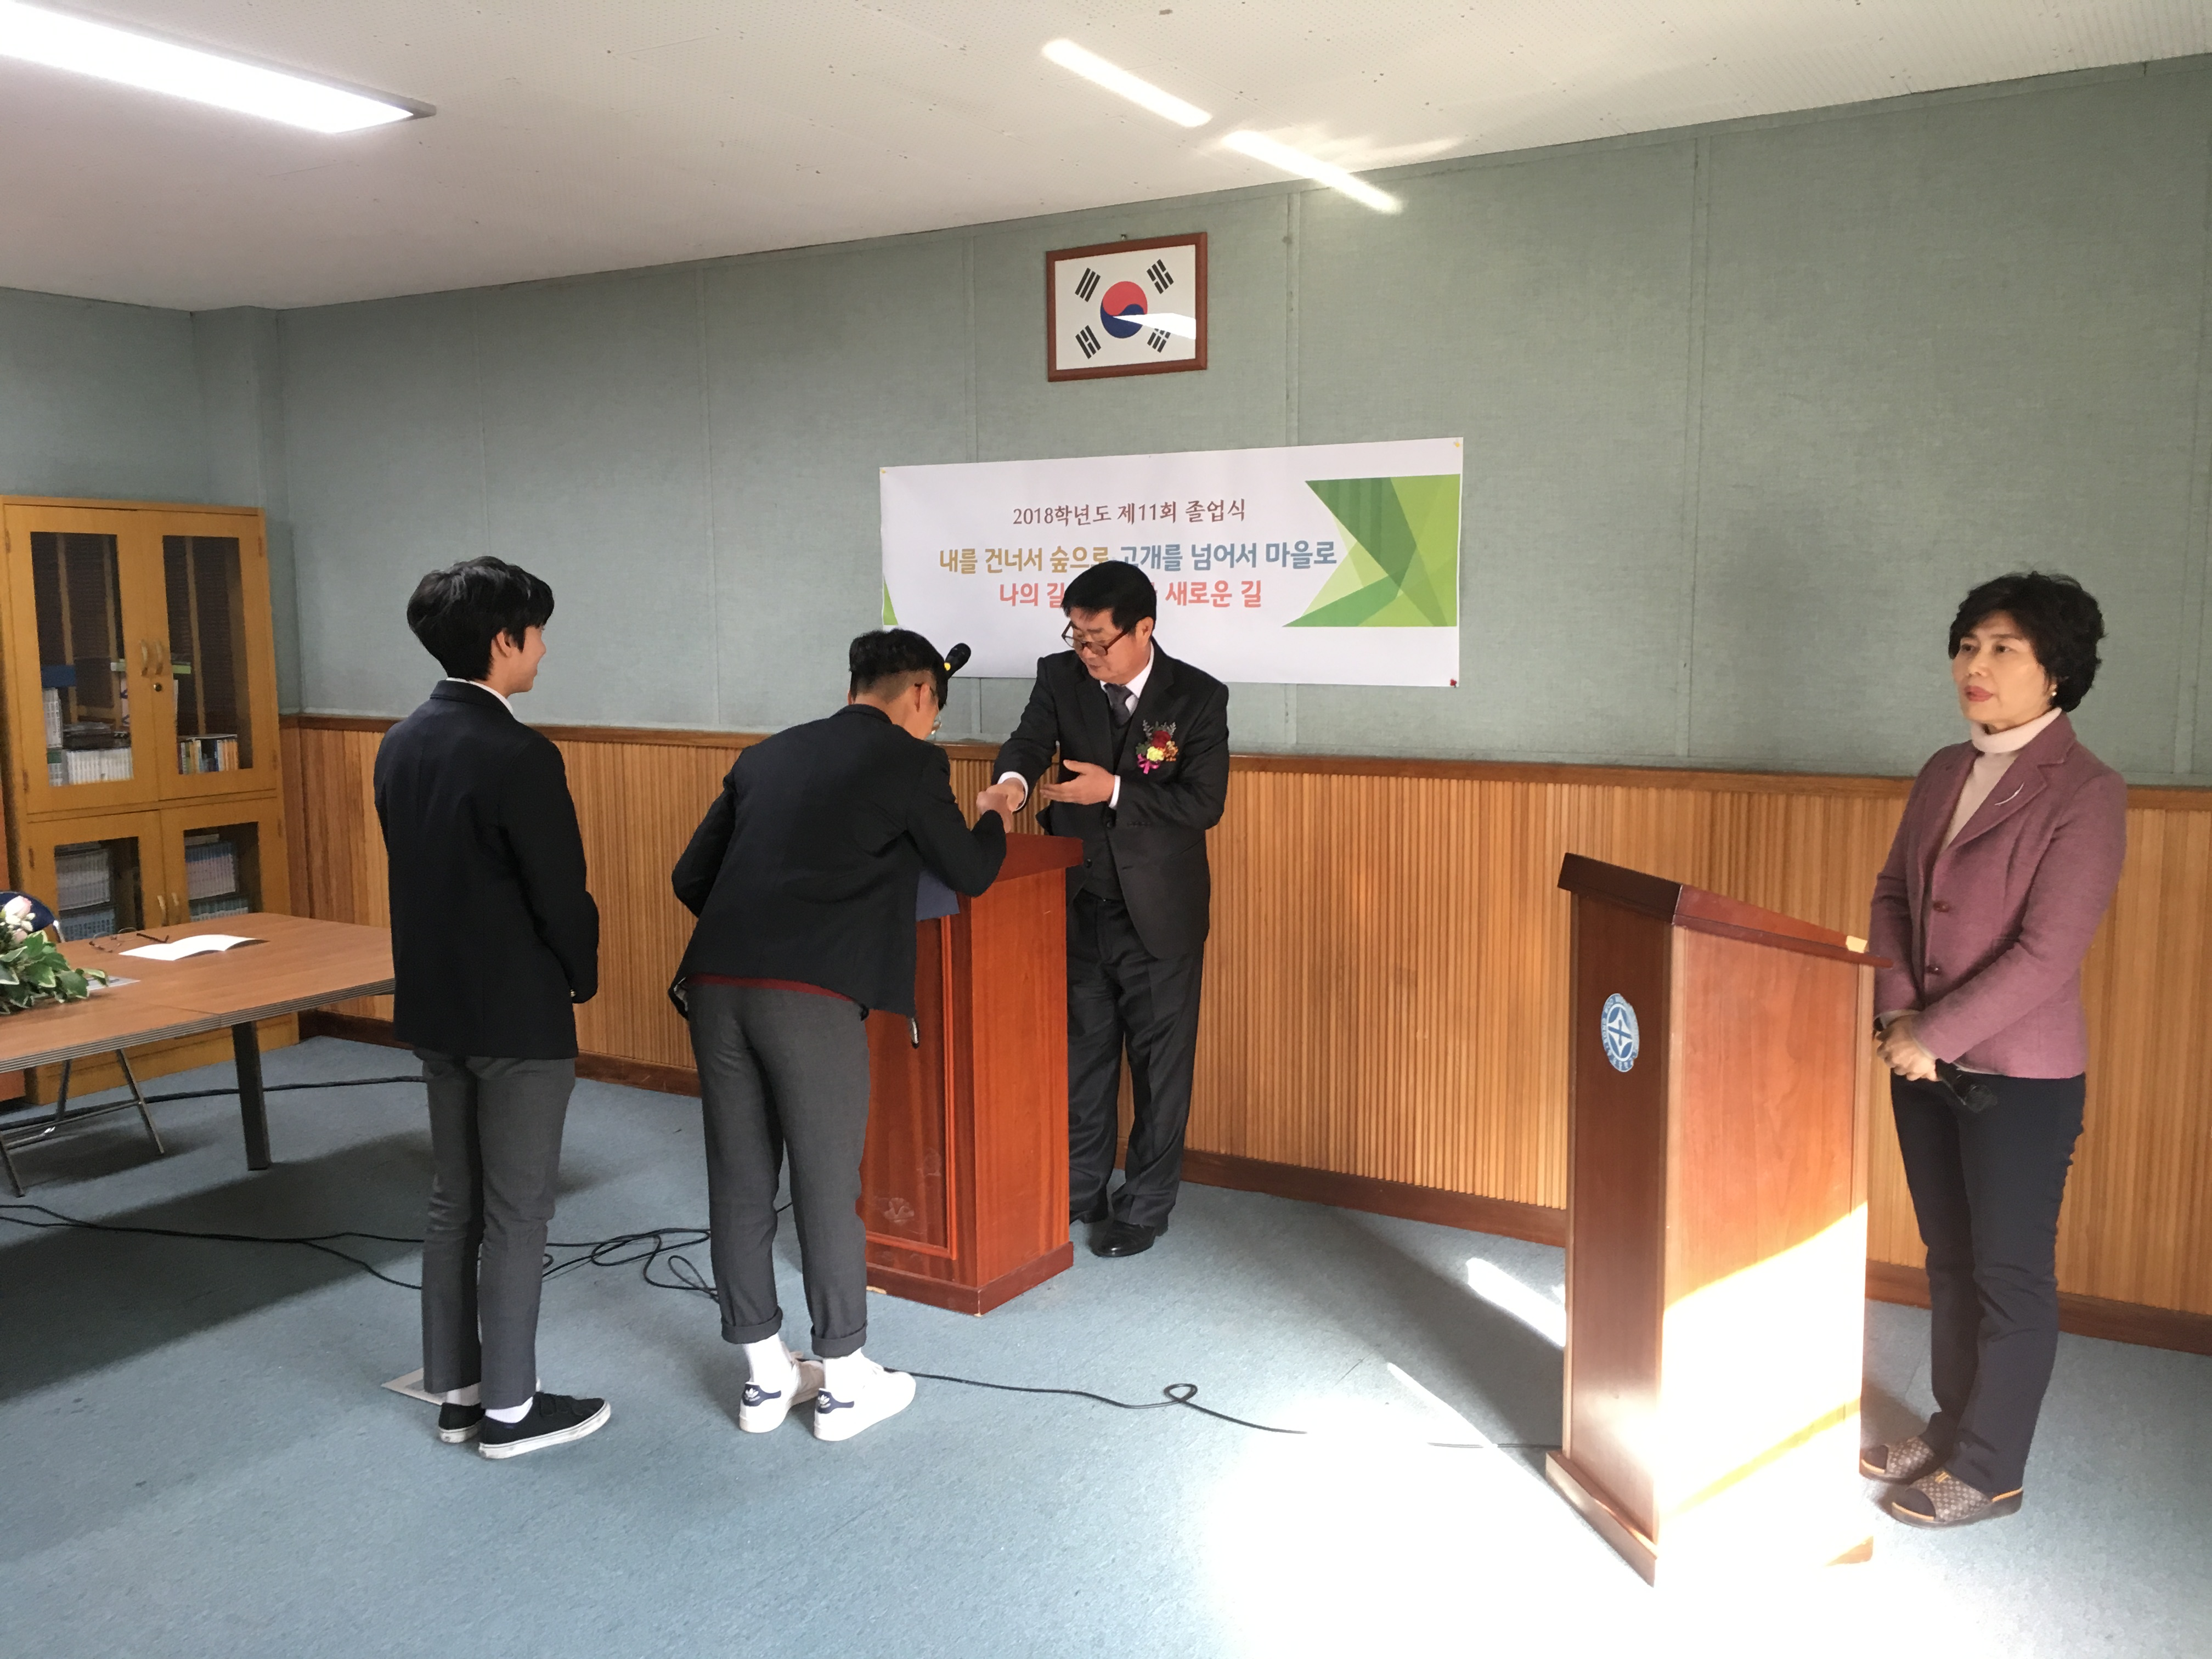 [일반] 2018학년도 졸업식의 첨부이미지 3